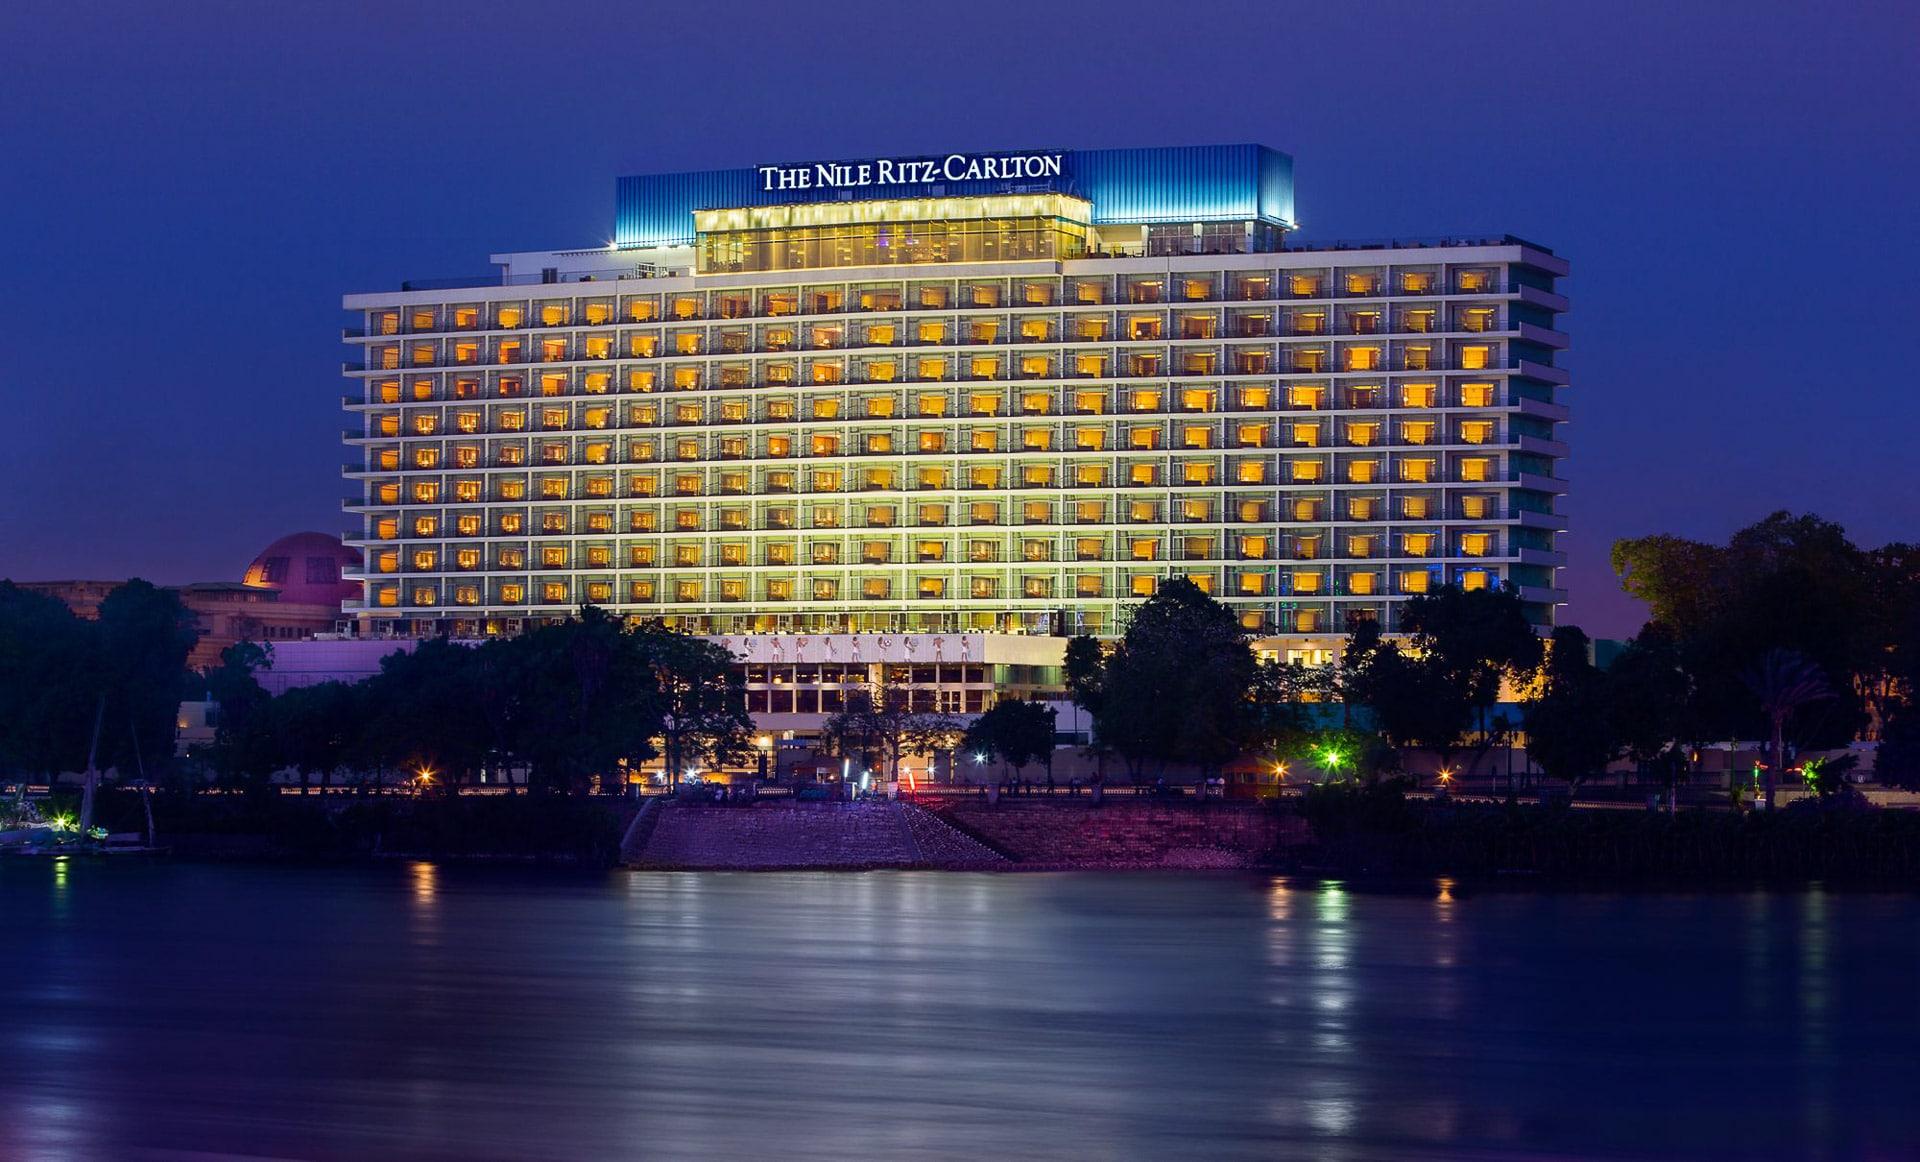 Nile-Ritz-Carlton-Kairo-Aegypten-7